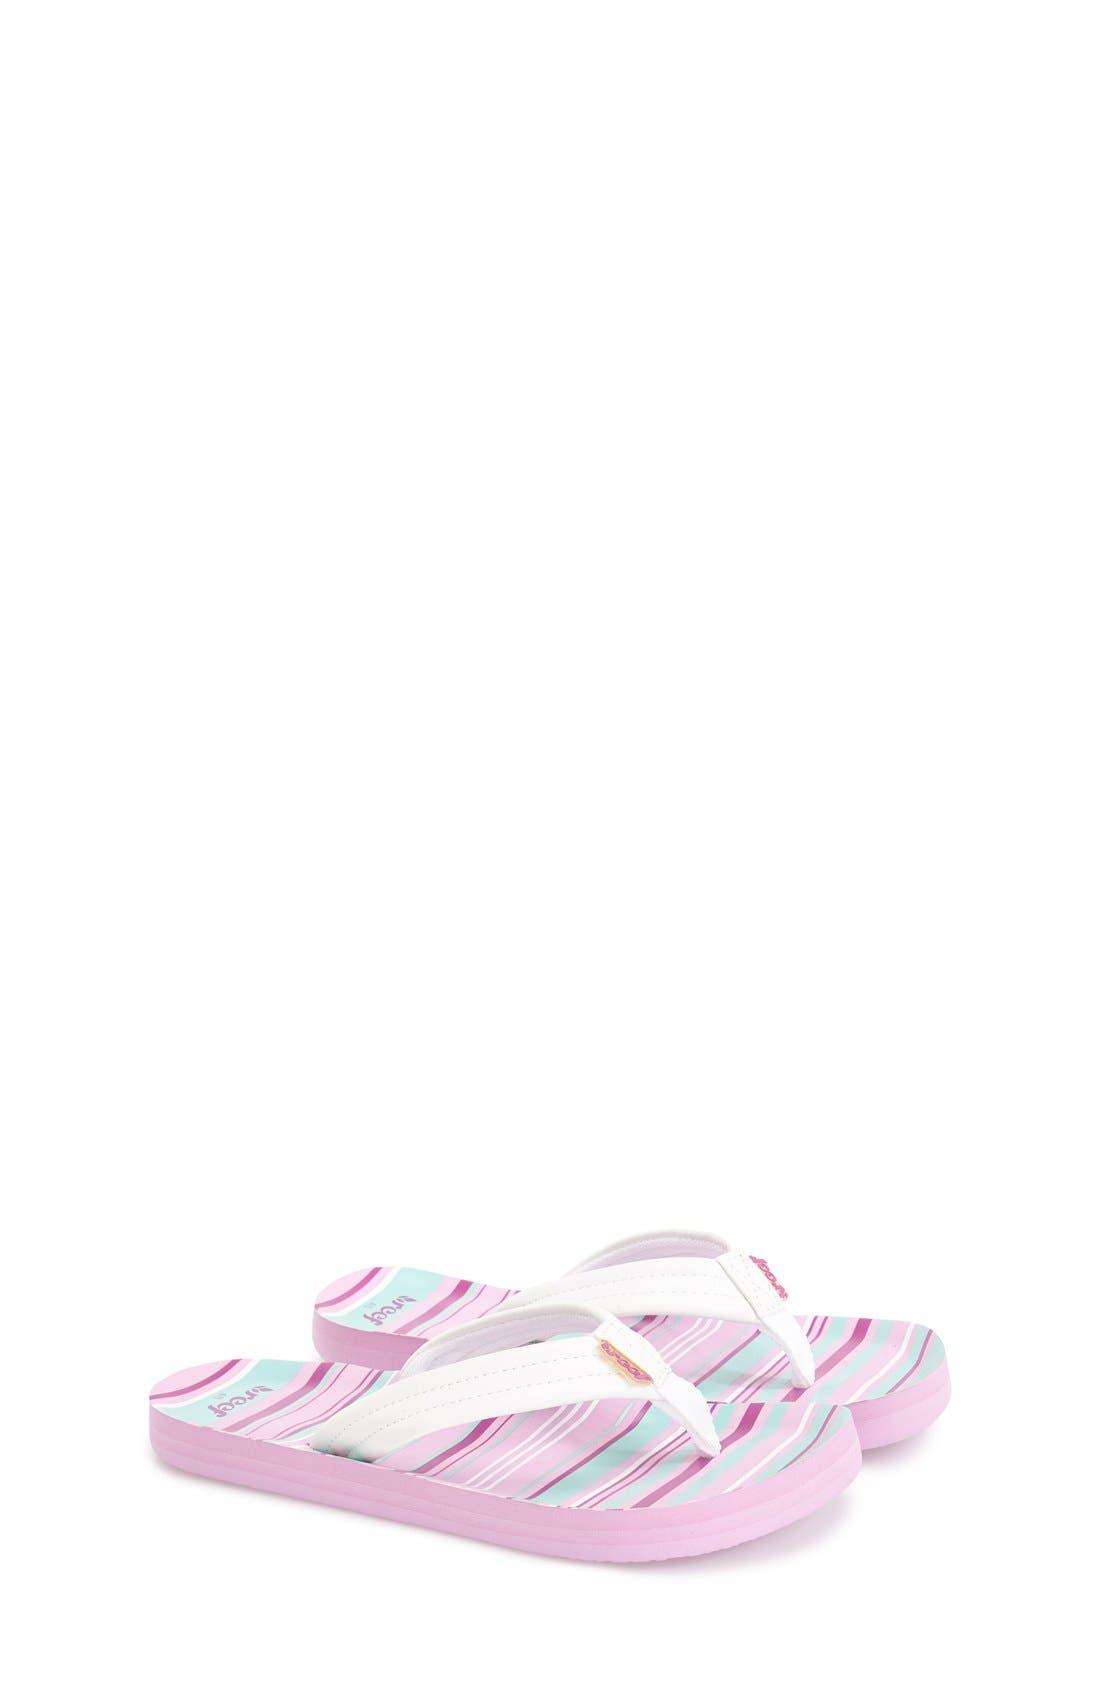 'Little Ahi' Thong Sandal,                             Main thumbnail 10, color,